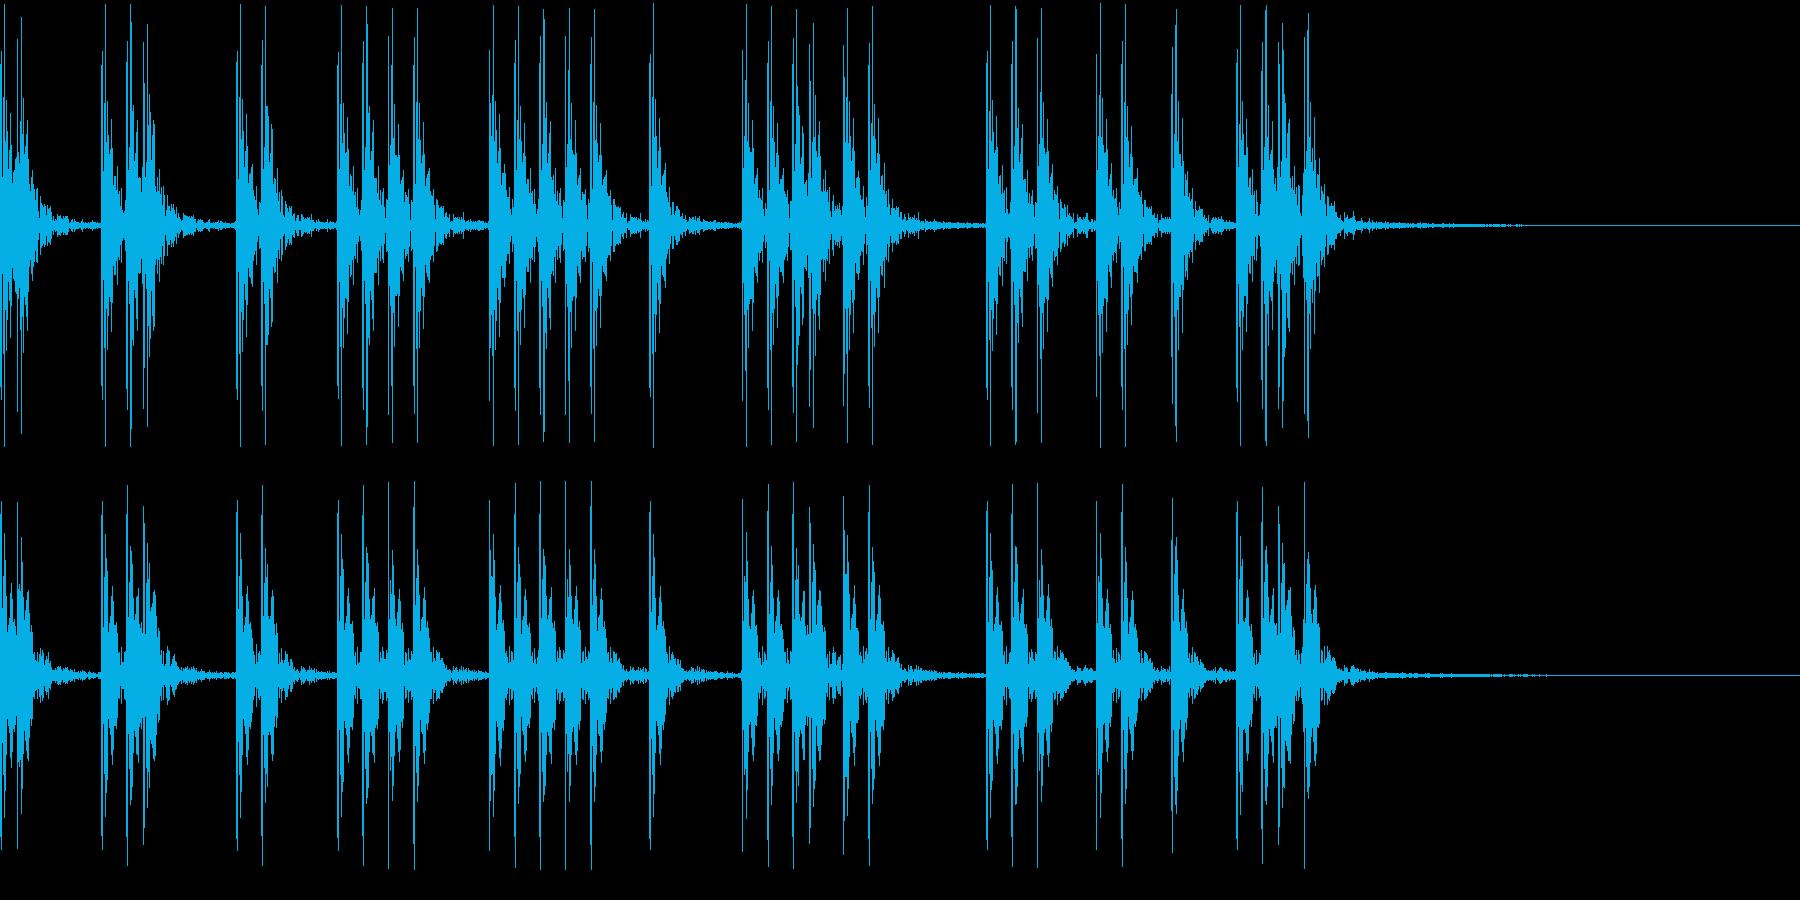 連続したノック音・爆発音(ループ可能)の再生済みの波形